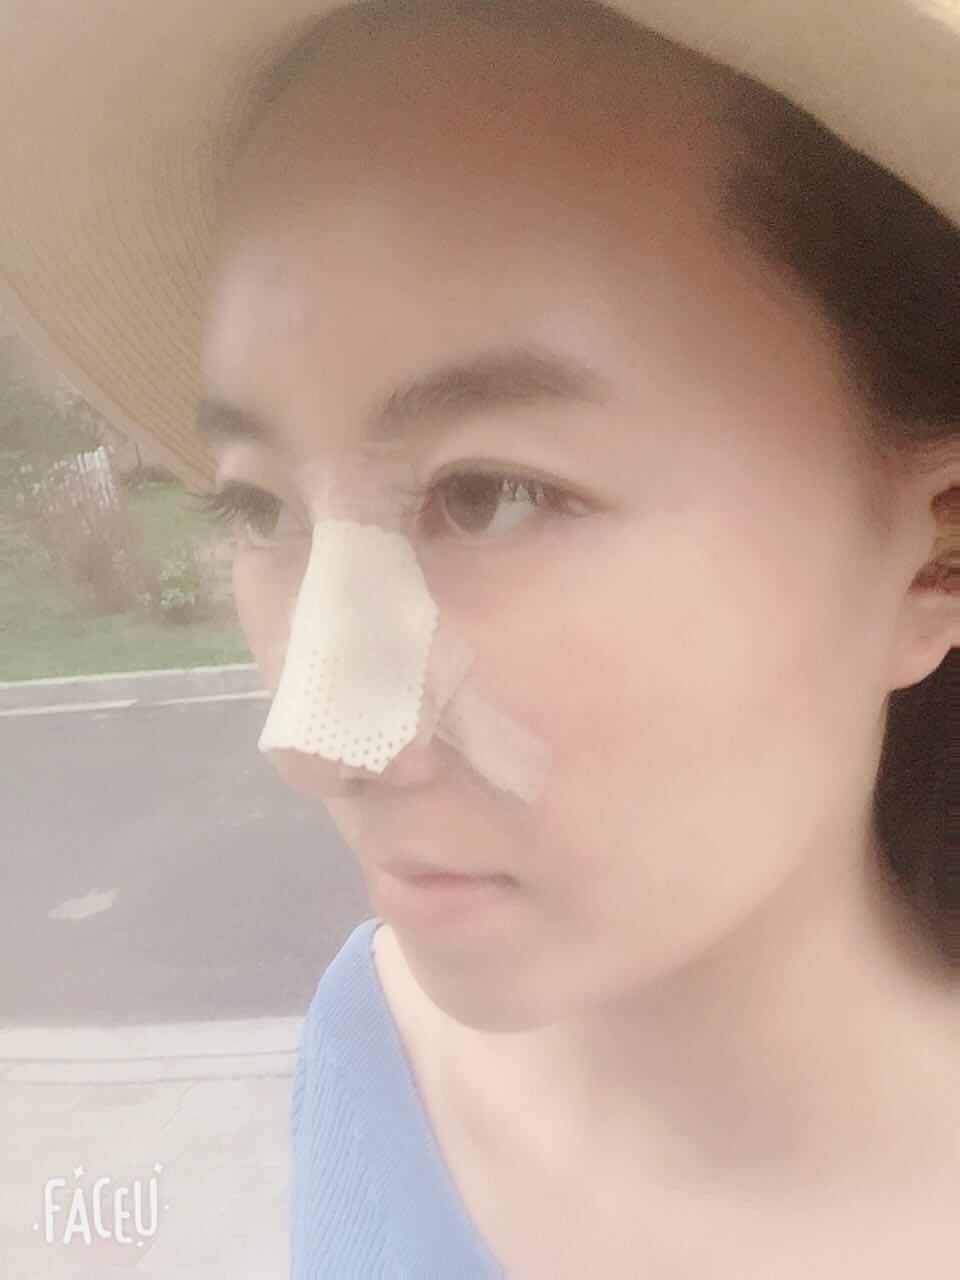 手术前就和姑娘讨论了手术方案,她的底子不错,不需要太大的改变,用耳软骨把鼻尖垫起来就能很好的挺翘起来,手术过程很顺利,术后即刻的效果姑娘也很满意,说是她想要的鼻型。